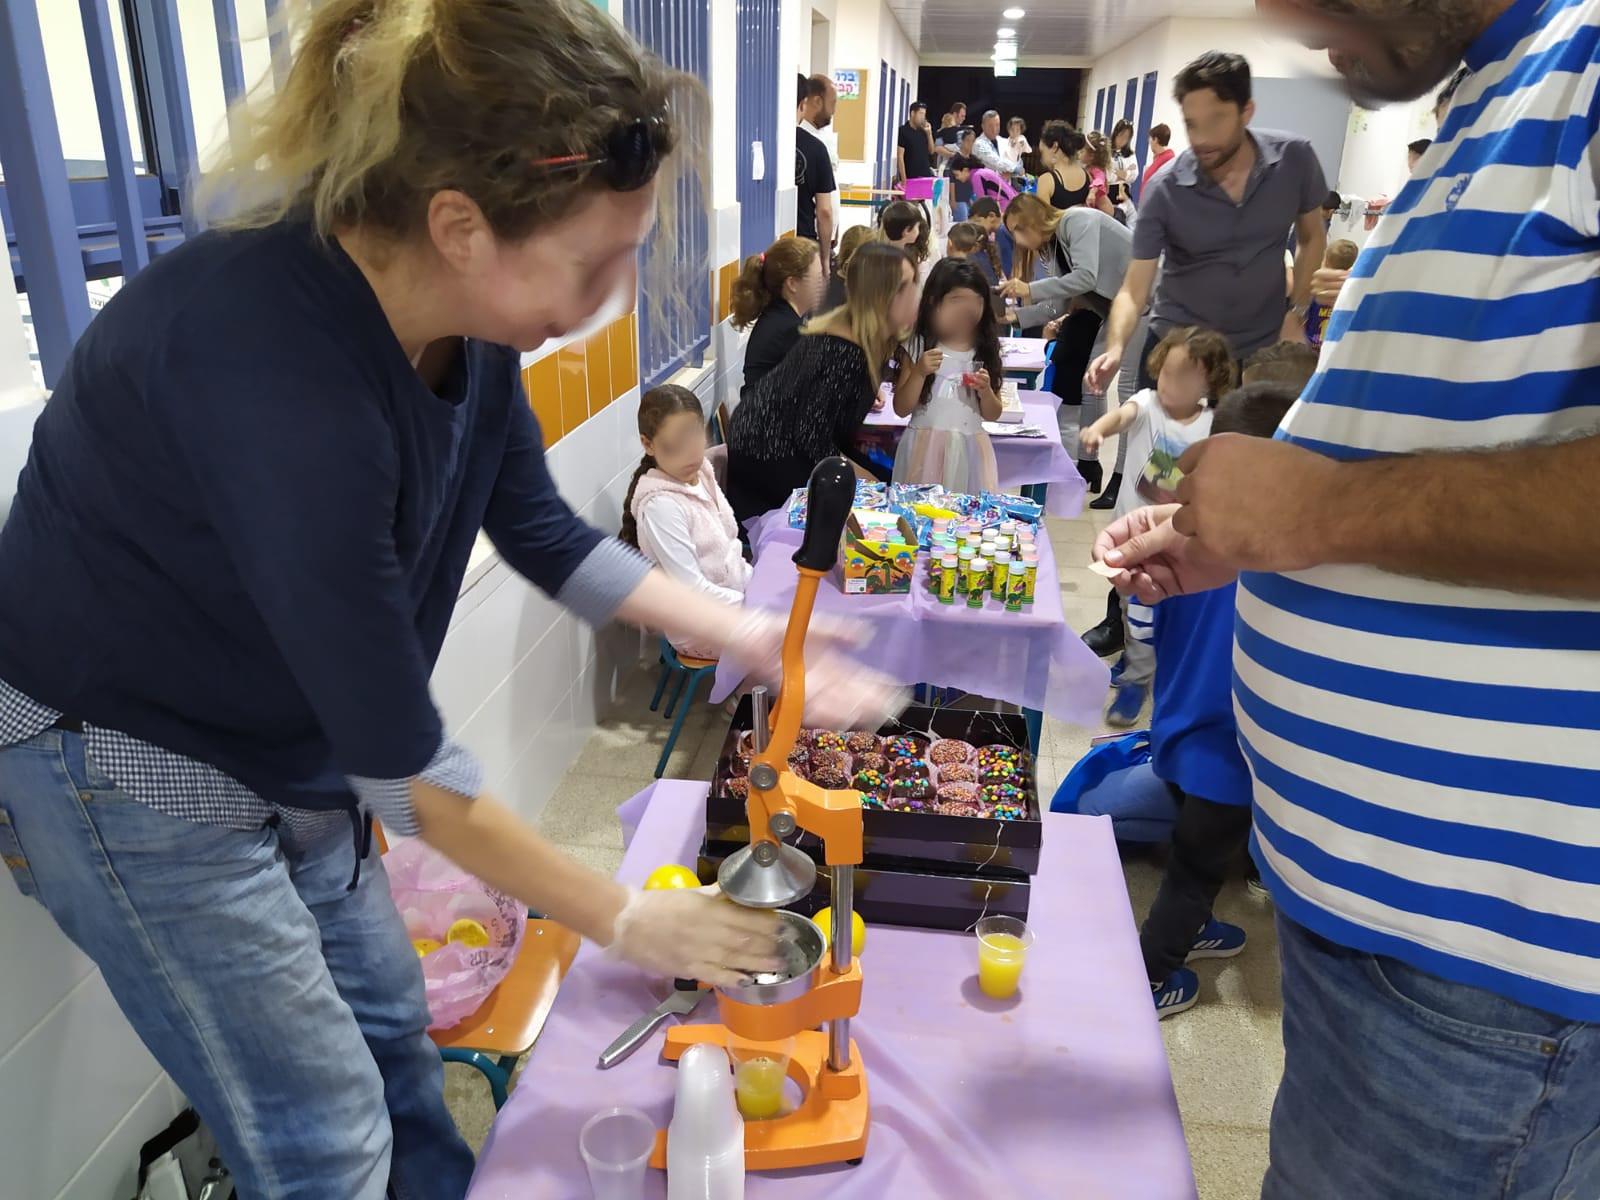 הורים וילדים בפעילות קהילתית בגן ההתחדשות שכונת שרונה כפר יונה